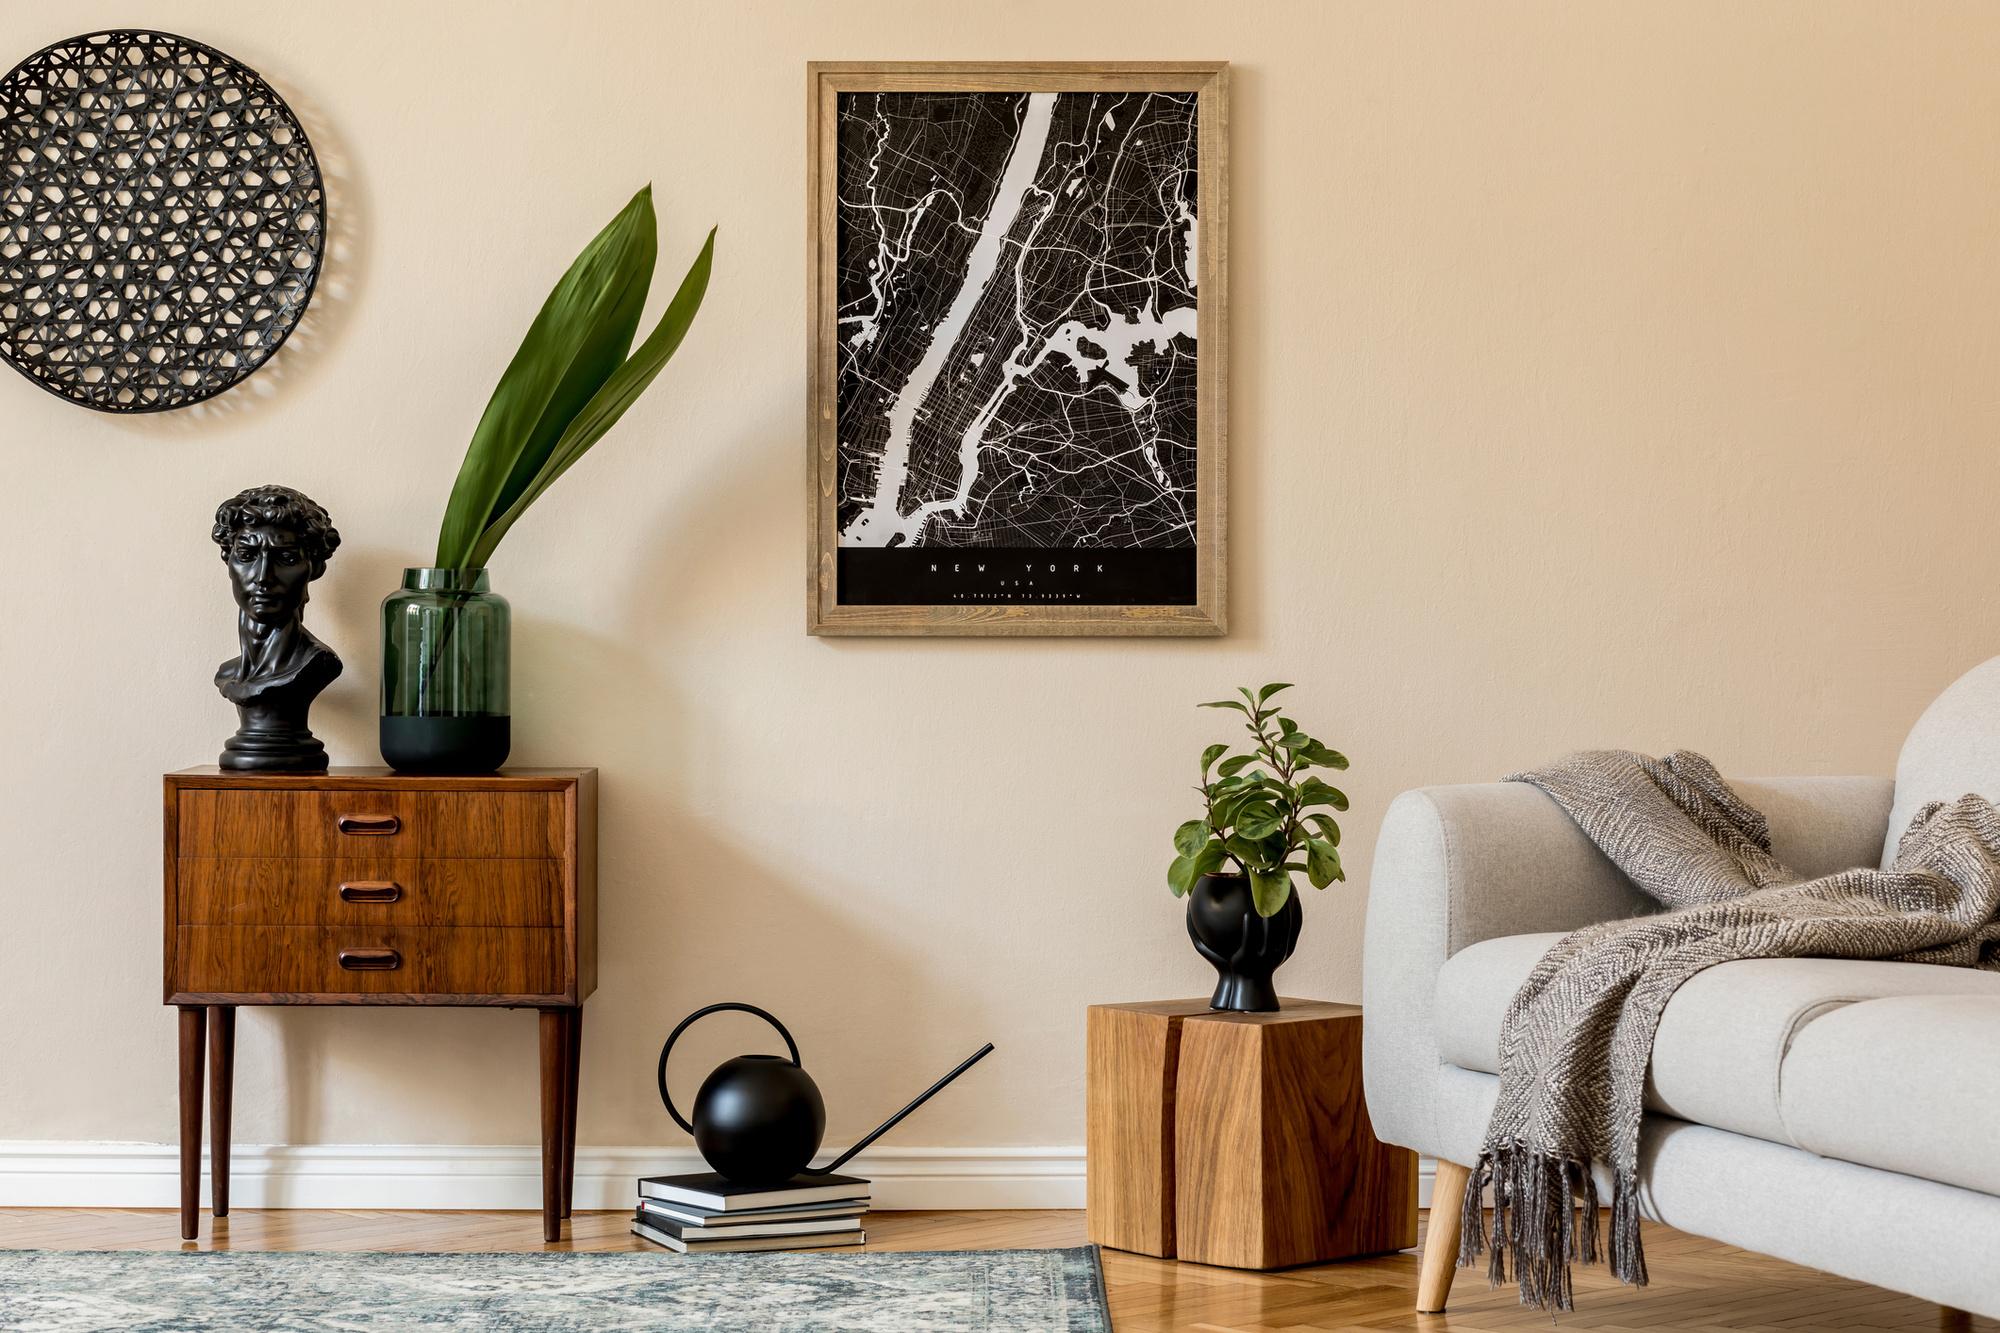 Strakke lijnen en natuurlijke materialen vormen de basis voor de Japandi-stijl., Getty Images